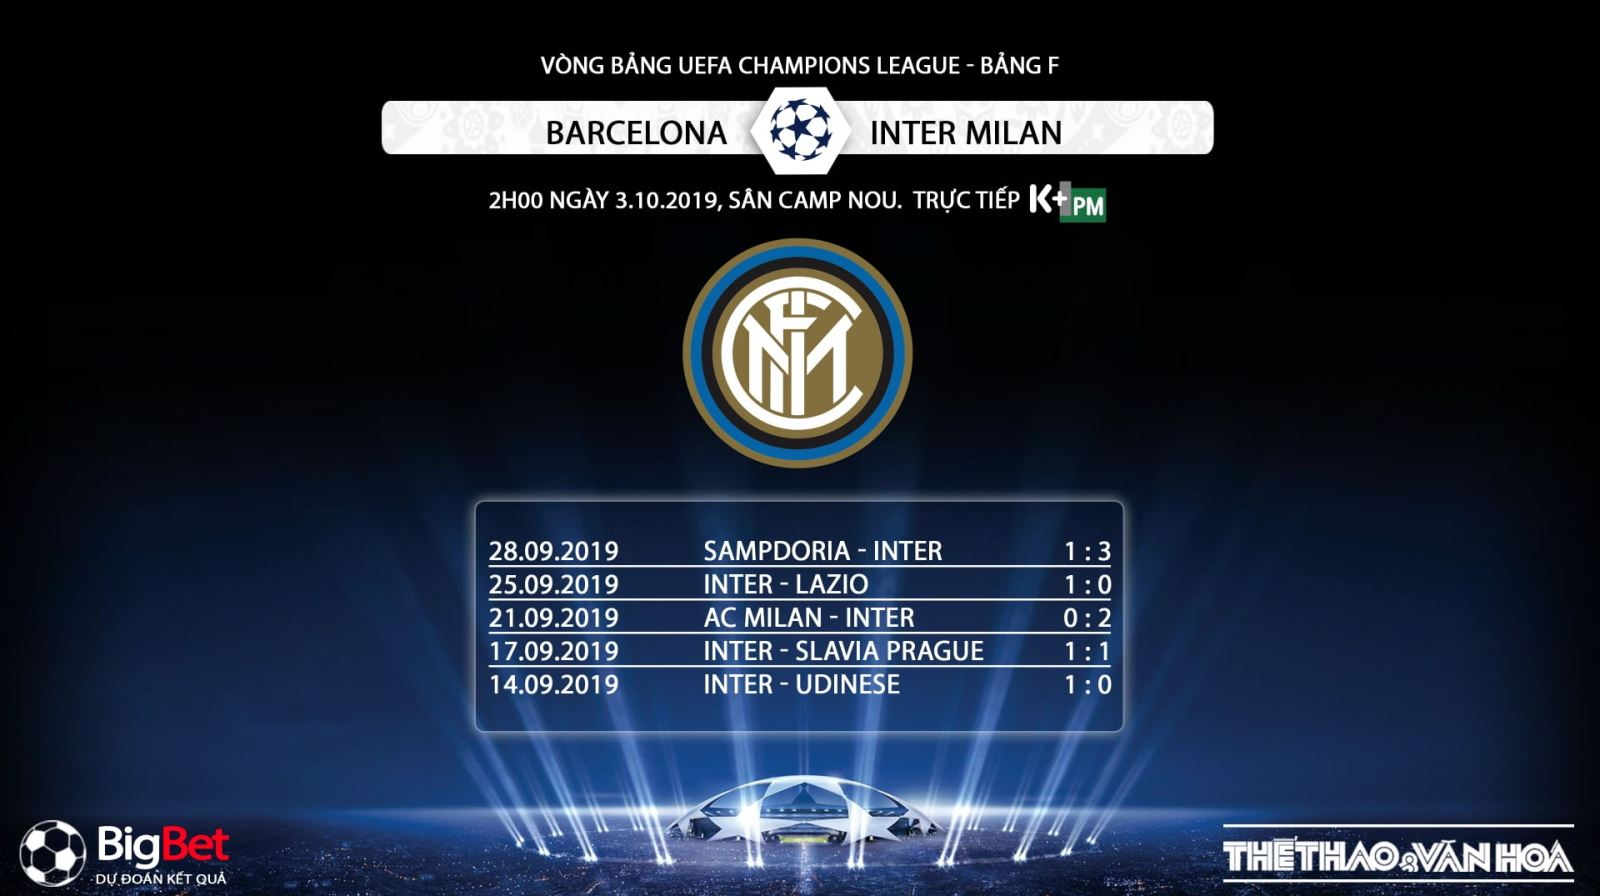 Barcelona vs Inter Milan, kèo bóng đá, truc tiep bong da, trực tiếp bóng đá, K+, K+PM, xem bong da, trực tiếp bóng đá hôm nay, trực tiếp cúp C1 châu Âu, Barcelona